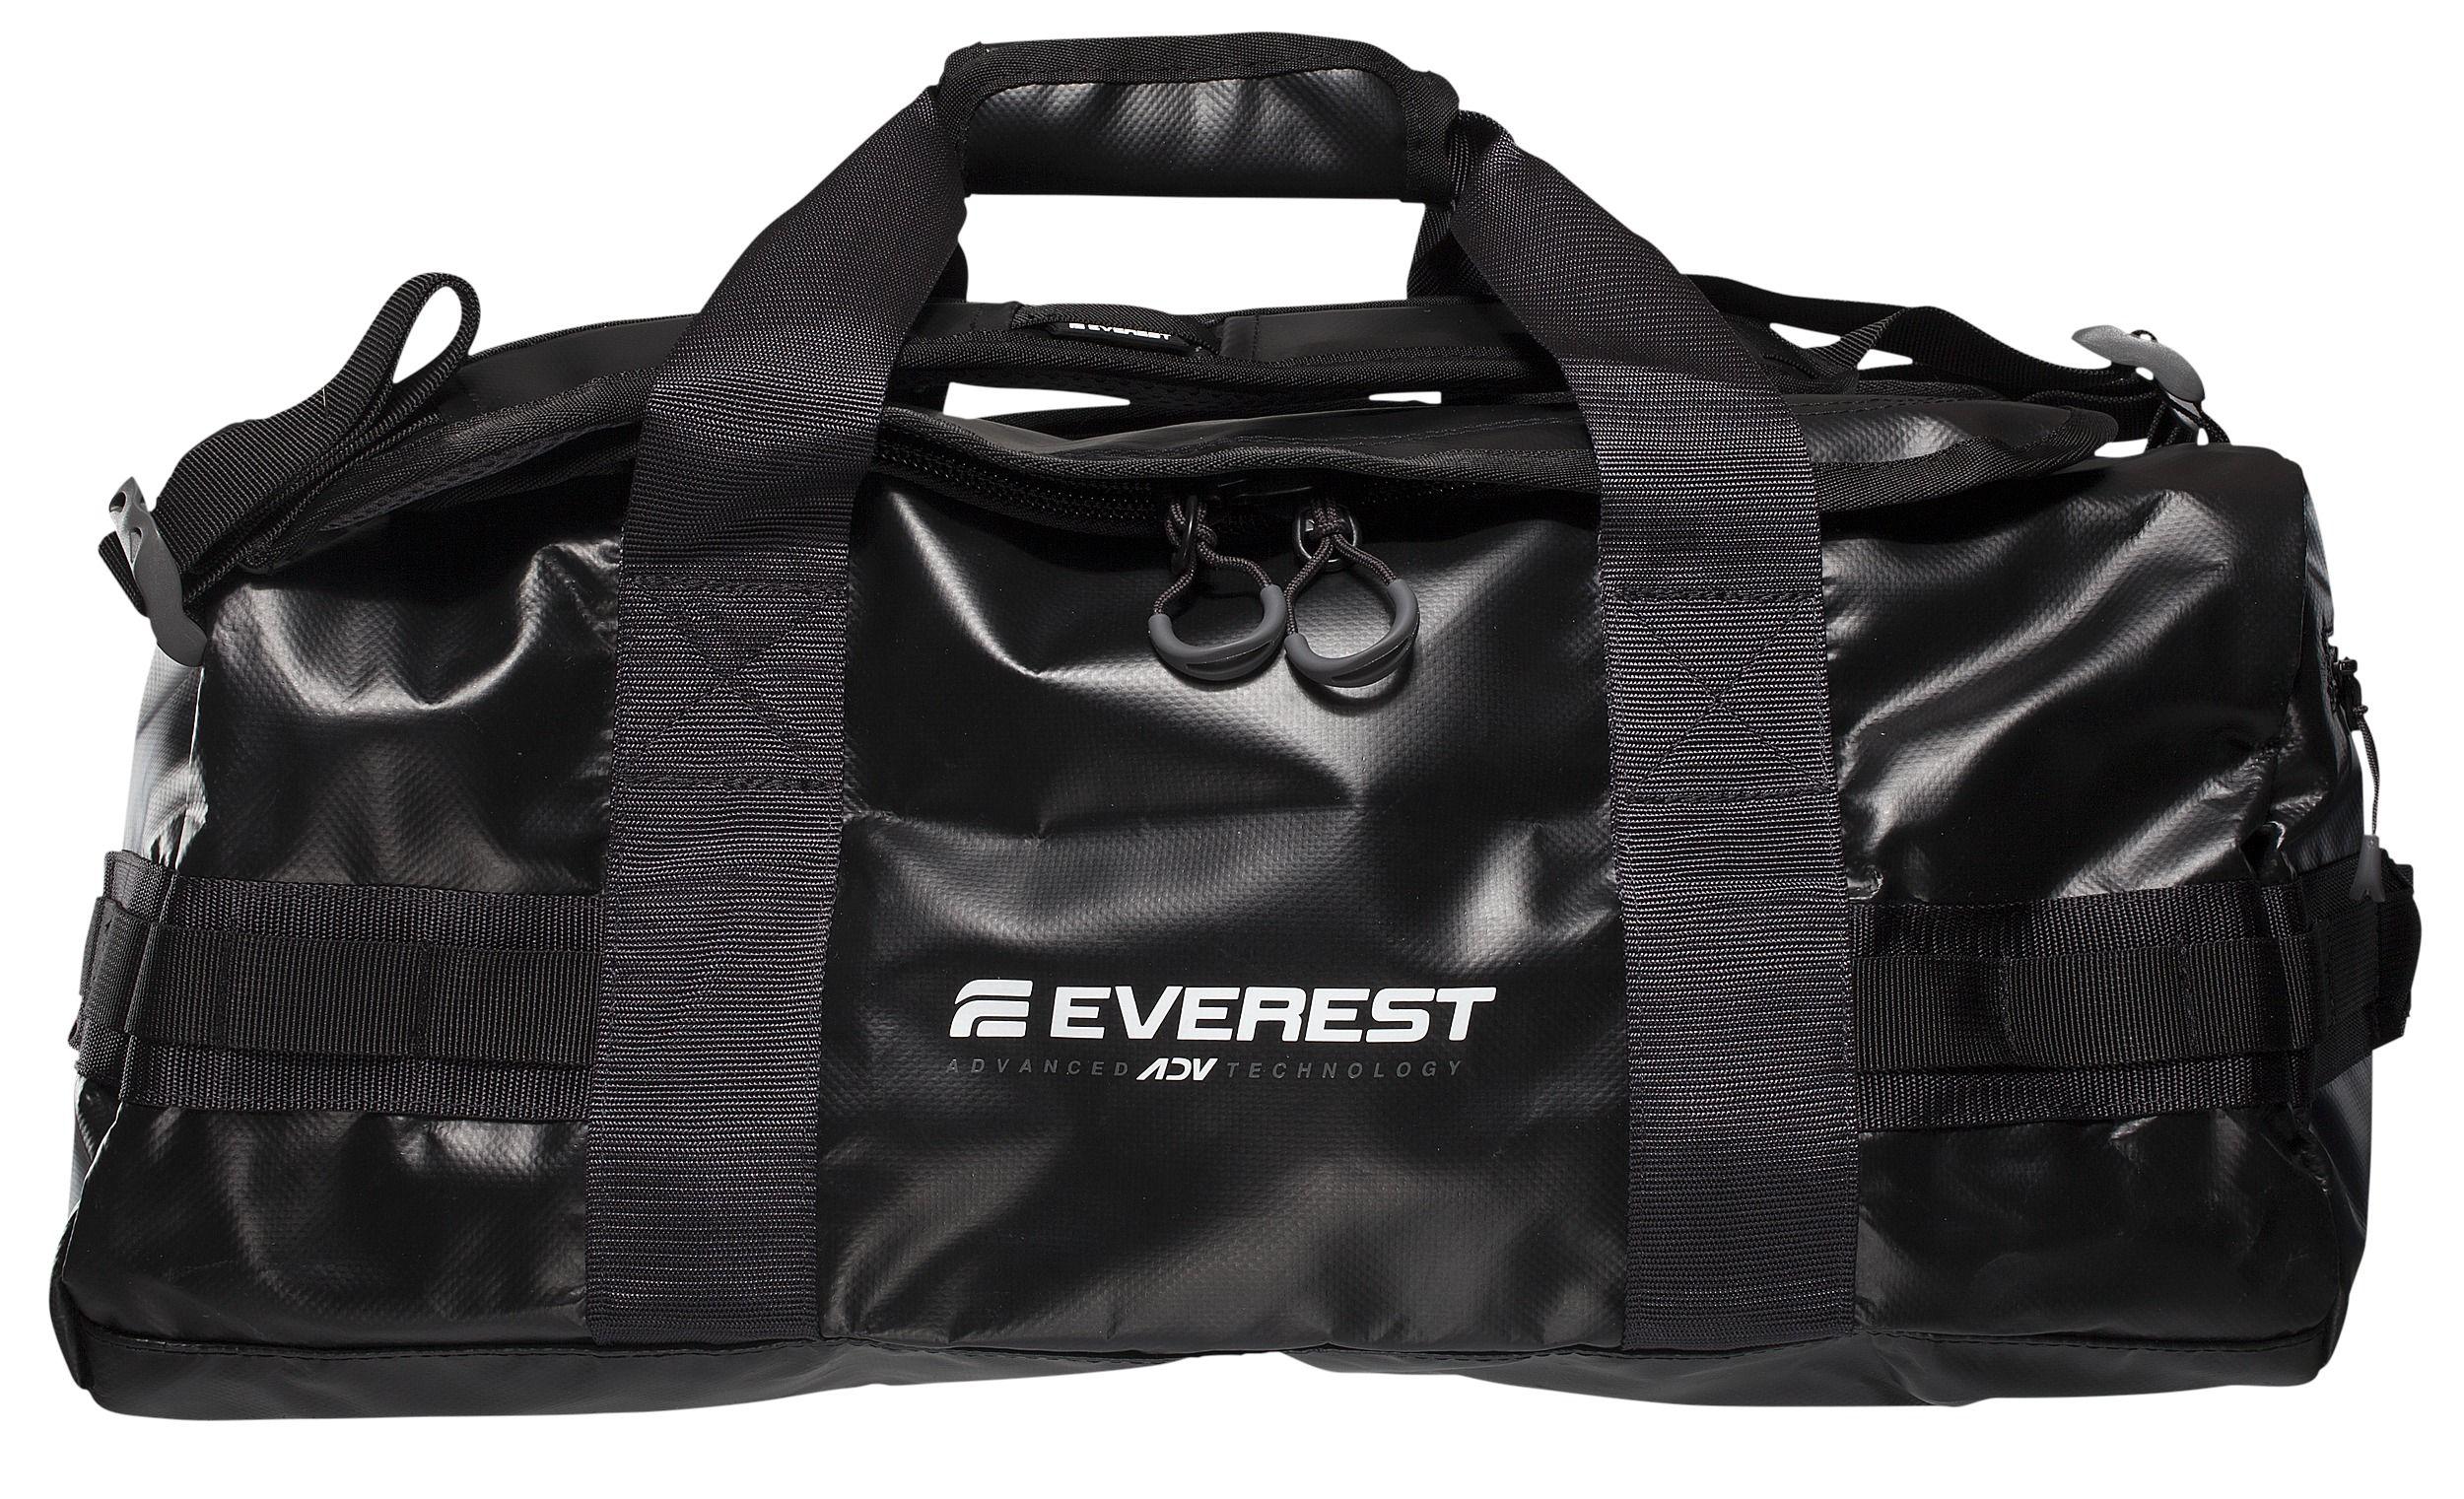 Stadium, 1. & 2. krs. Everest-kassi kestävää, vettähylkivää materiaalia 39,90 €. Voi kantaa myös kuten reppua. Koko 40 l.